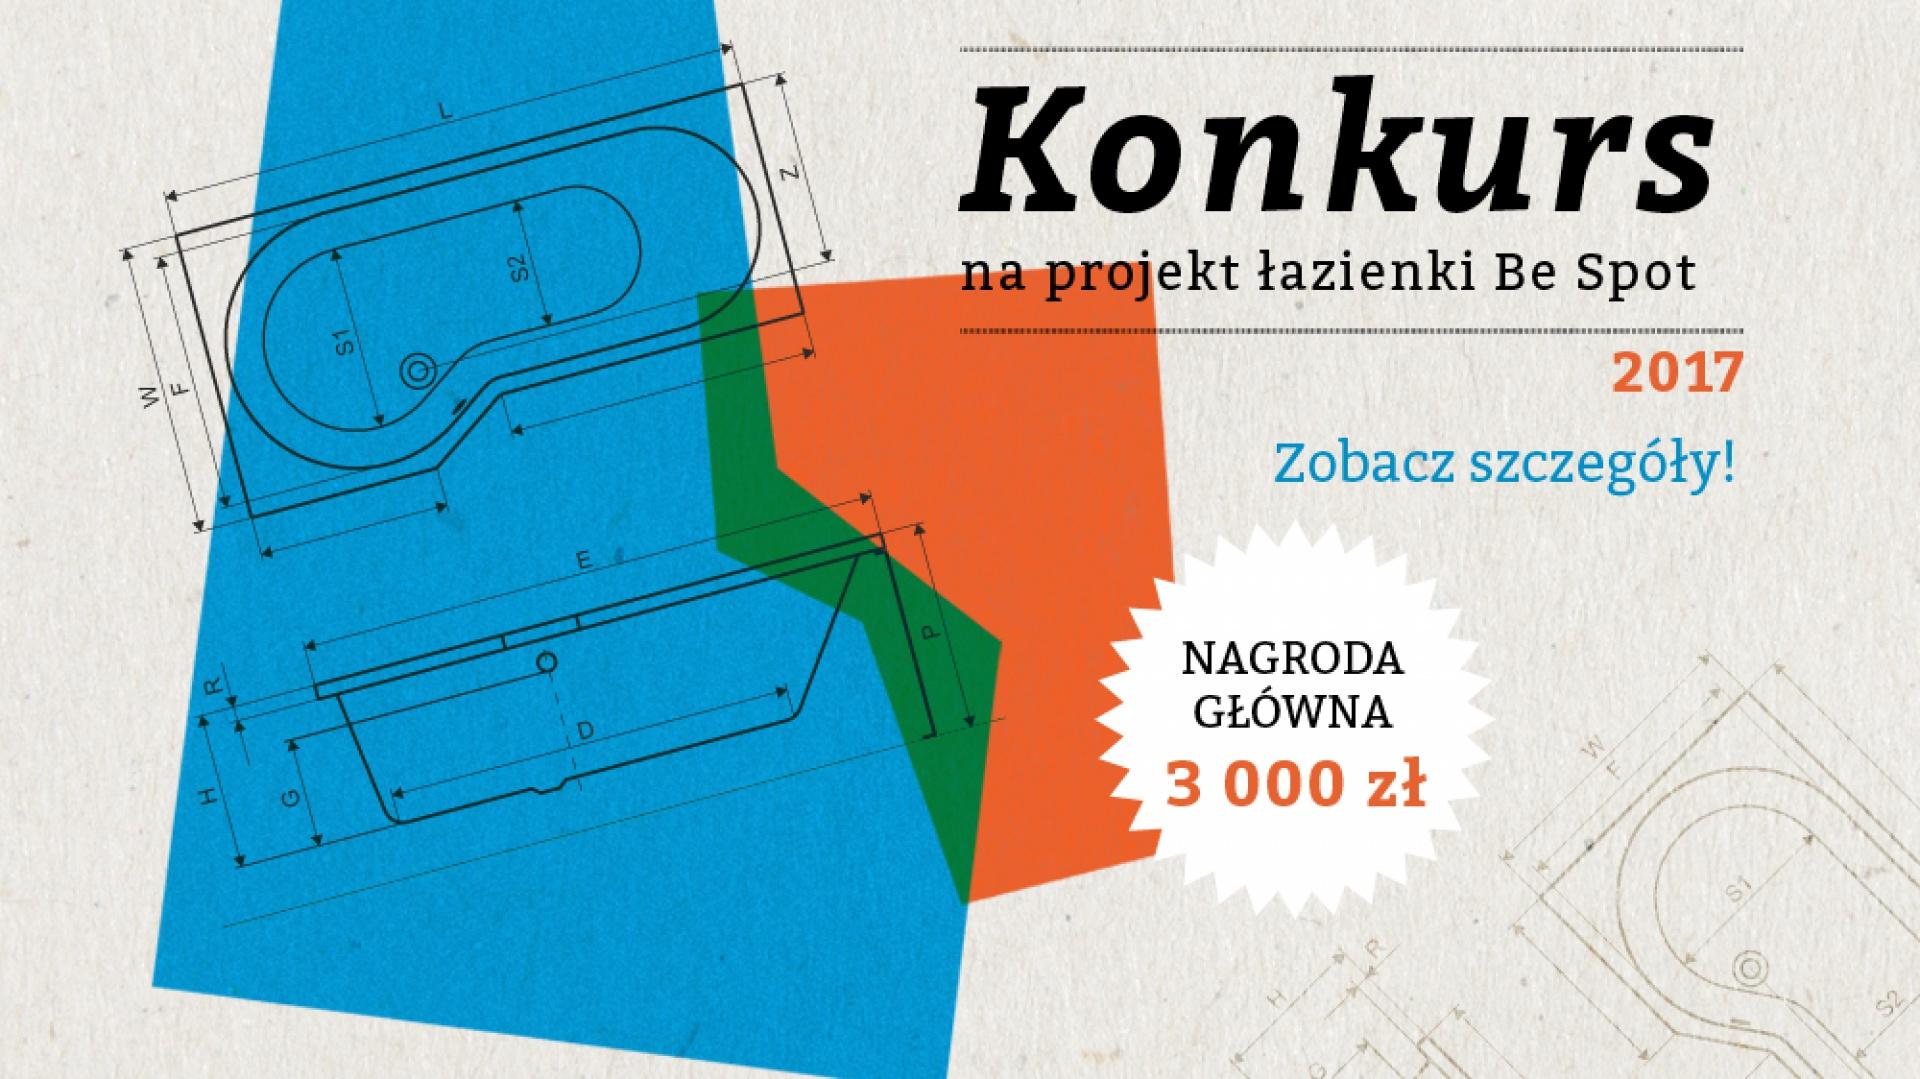 Zapraszamy do wzięcia udziału w konkursie na projekt małej łazienki z wykorzystaniem produktów firmy Excellent SERII BE SPOT. Nagroda główna to 3.000 złotych. Dwie pozostałe to - 2.000 zł za miejsce drugie oraz 1.000 zł za miejsce trzecie.